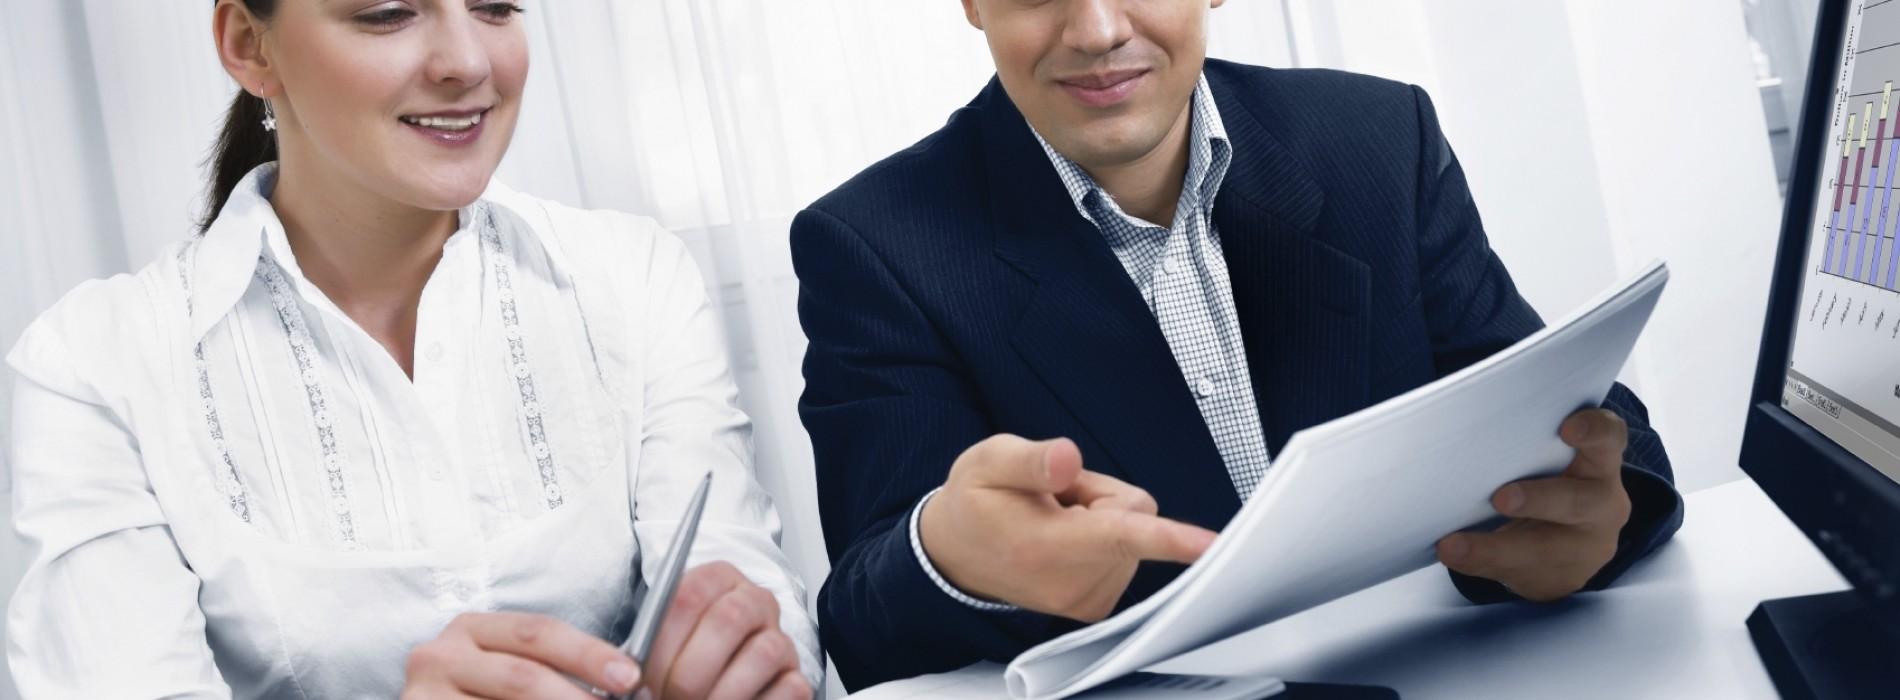 """Własny """"pożyczony"""" biznes, czyli co wybrać zamiast pracy na etacie?"""